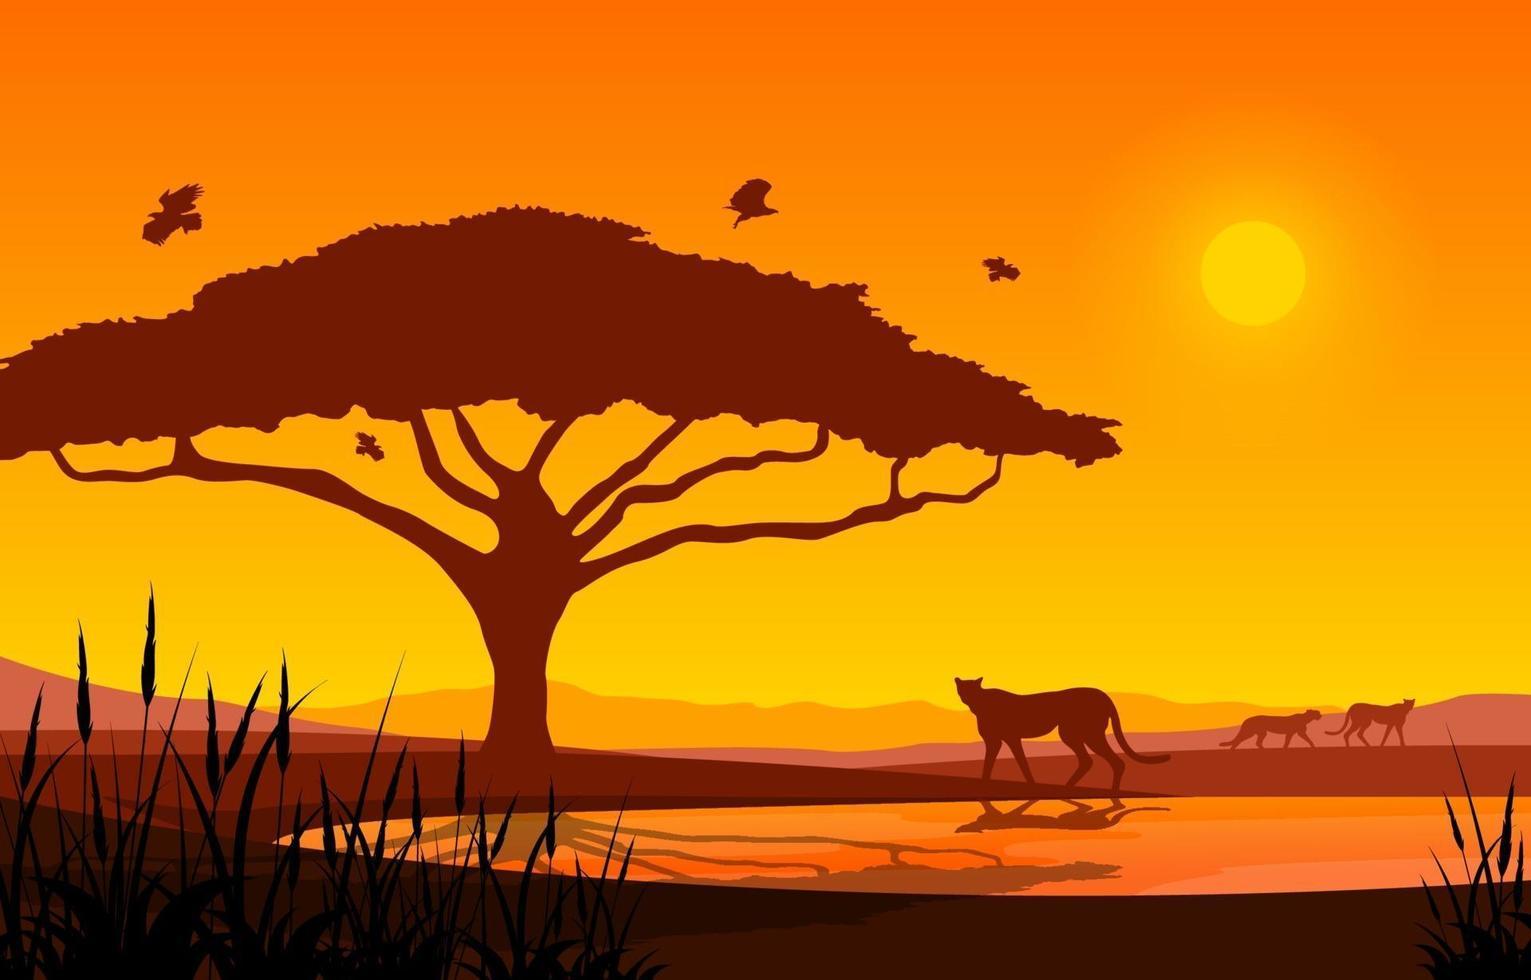 guepardos en el oasis en la sabana africana paisaje al atardecer ilustración vector